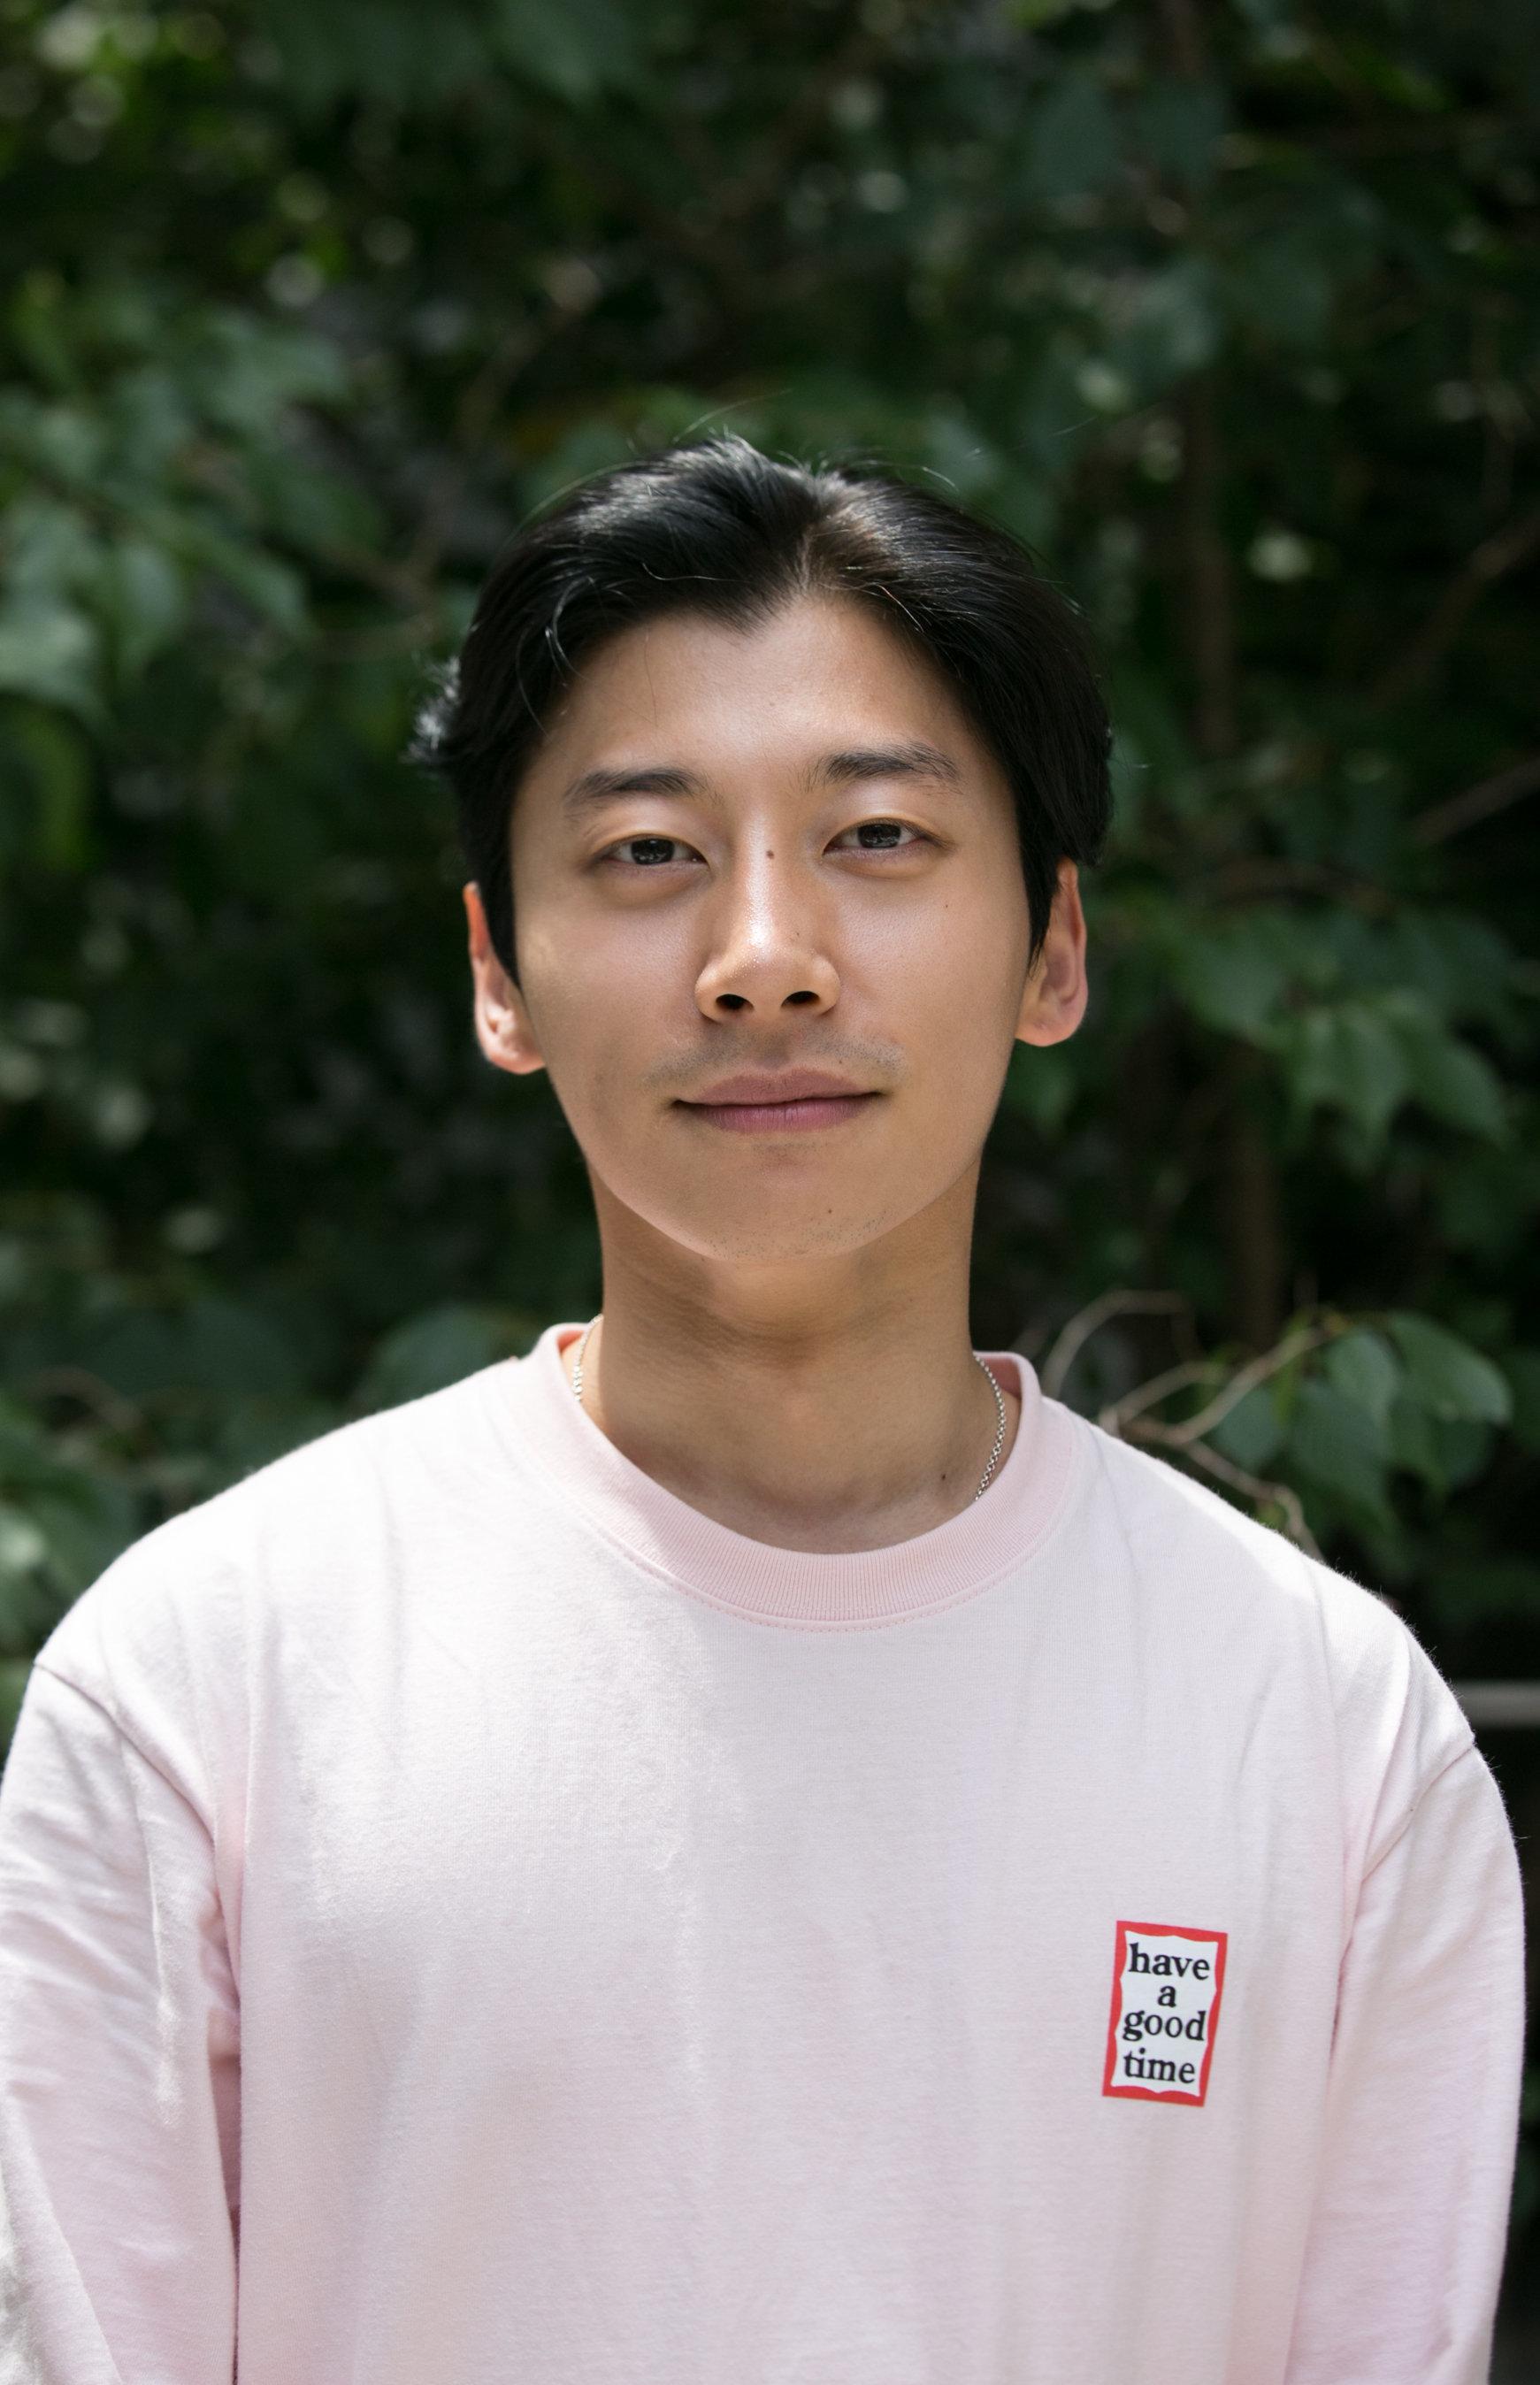 [허프인터뷰] 곽윤기는 '징글징글하다'는 말을 들을 때까지 달리고